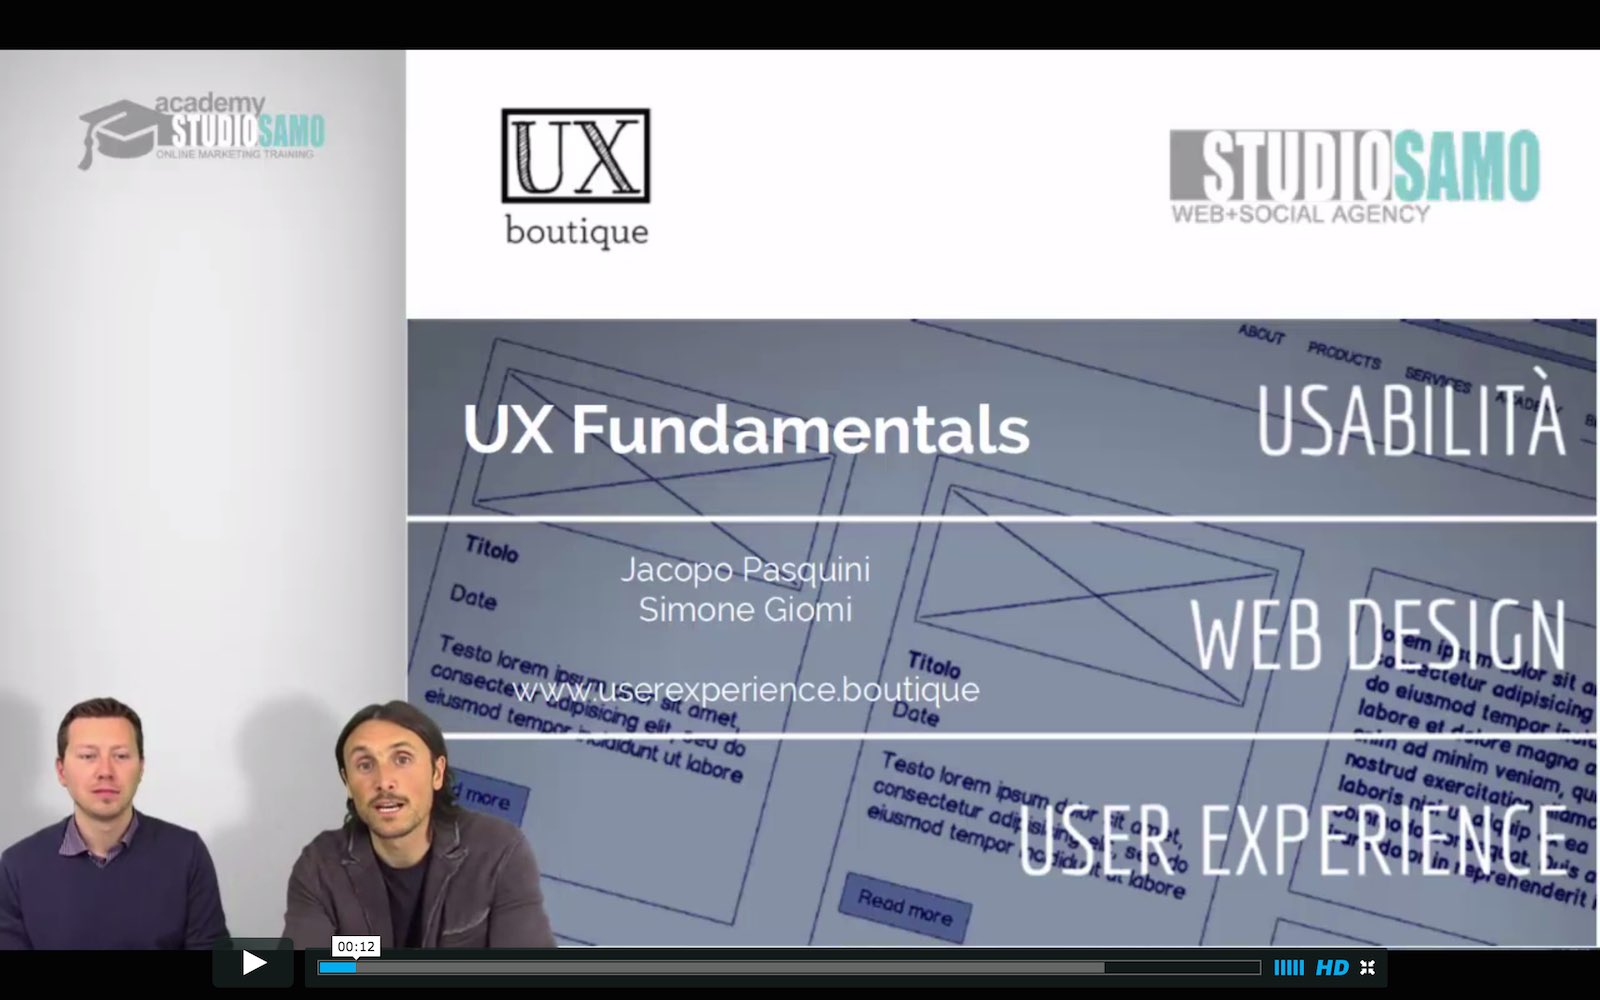 introduzione ux design fundamentals